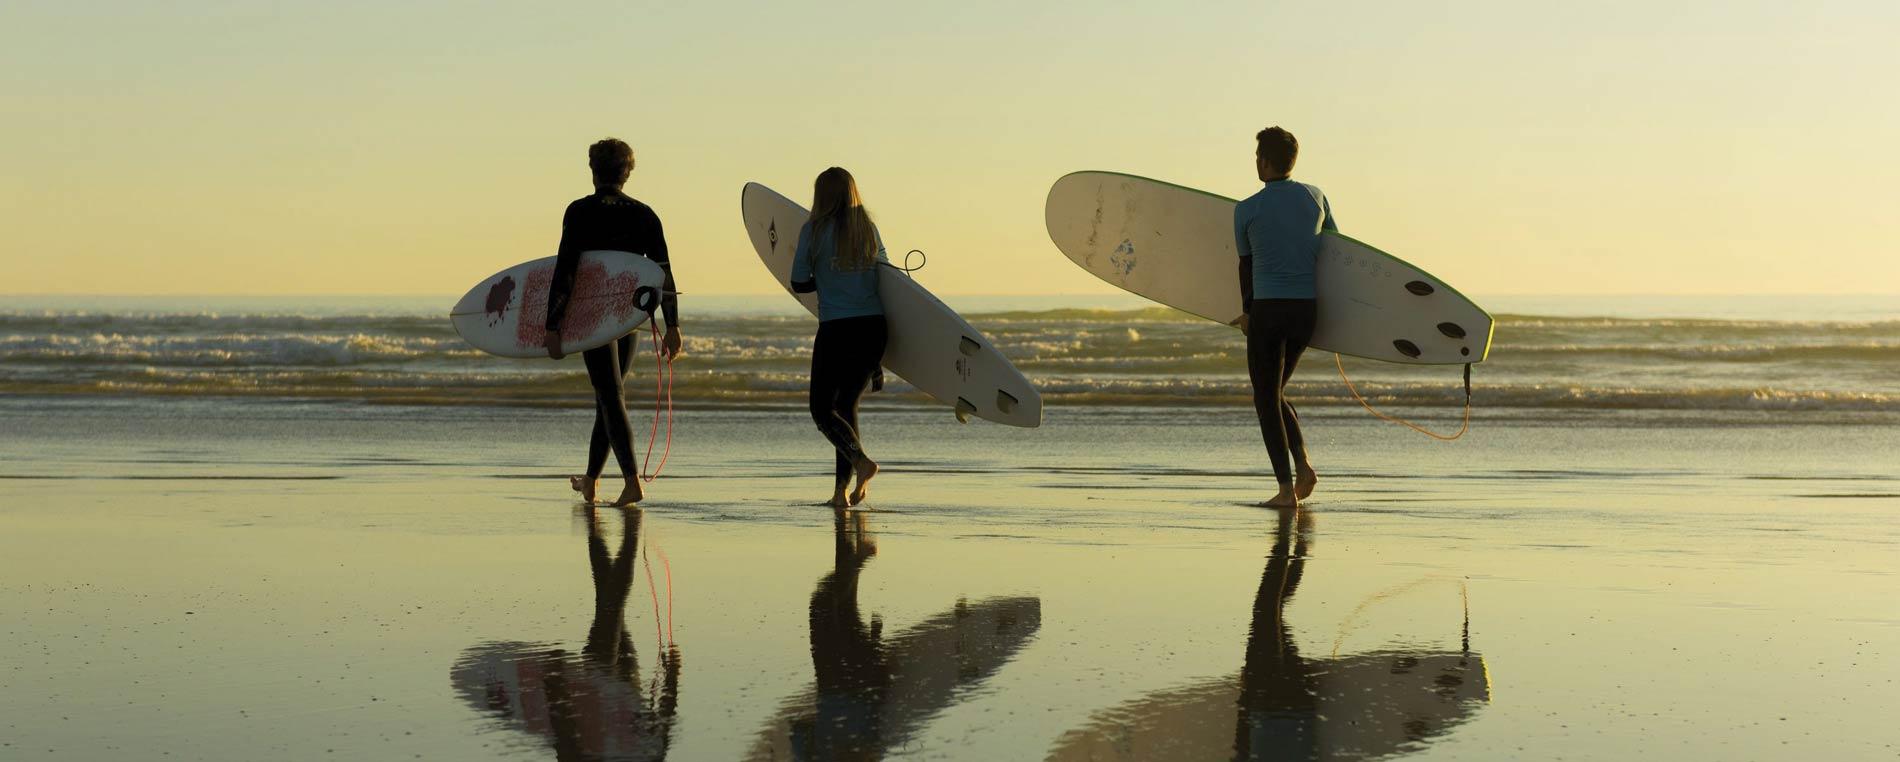 Le Finistère : le spot idéal pour pratiquer le surf en Bretagne